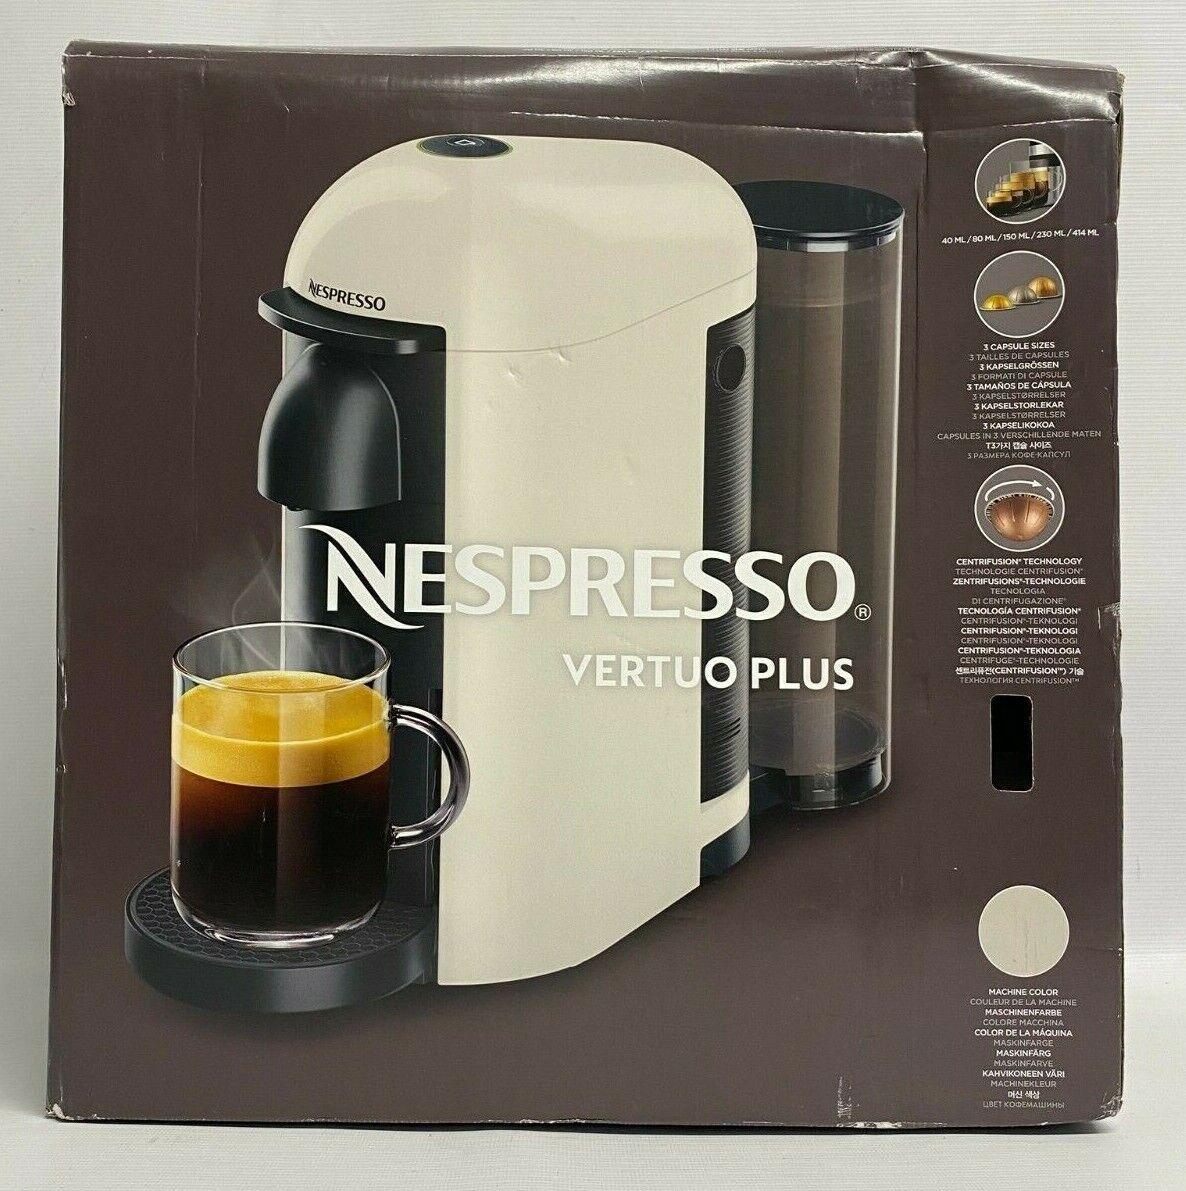 NESPRESSO Vertuo Plus GCB2 Macchina da Caffè / Maker - Bianco - con Scatola